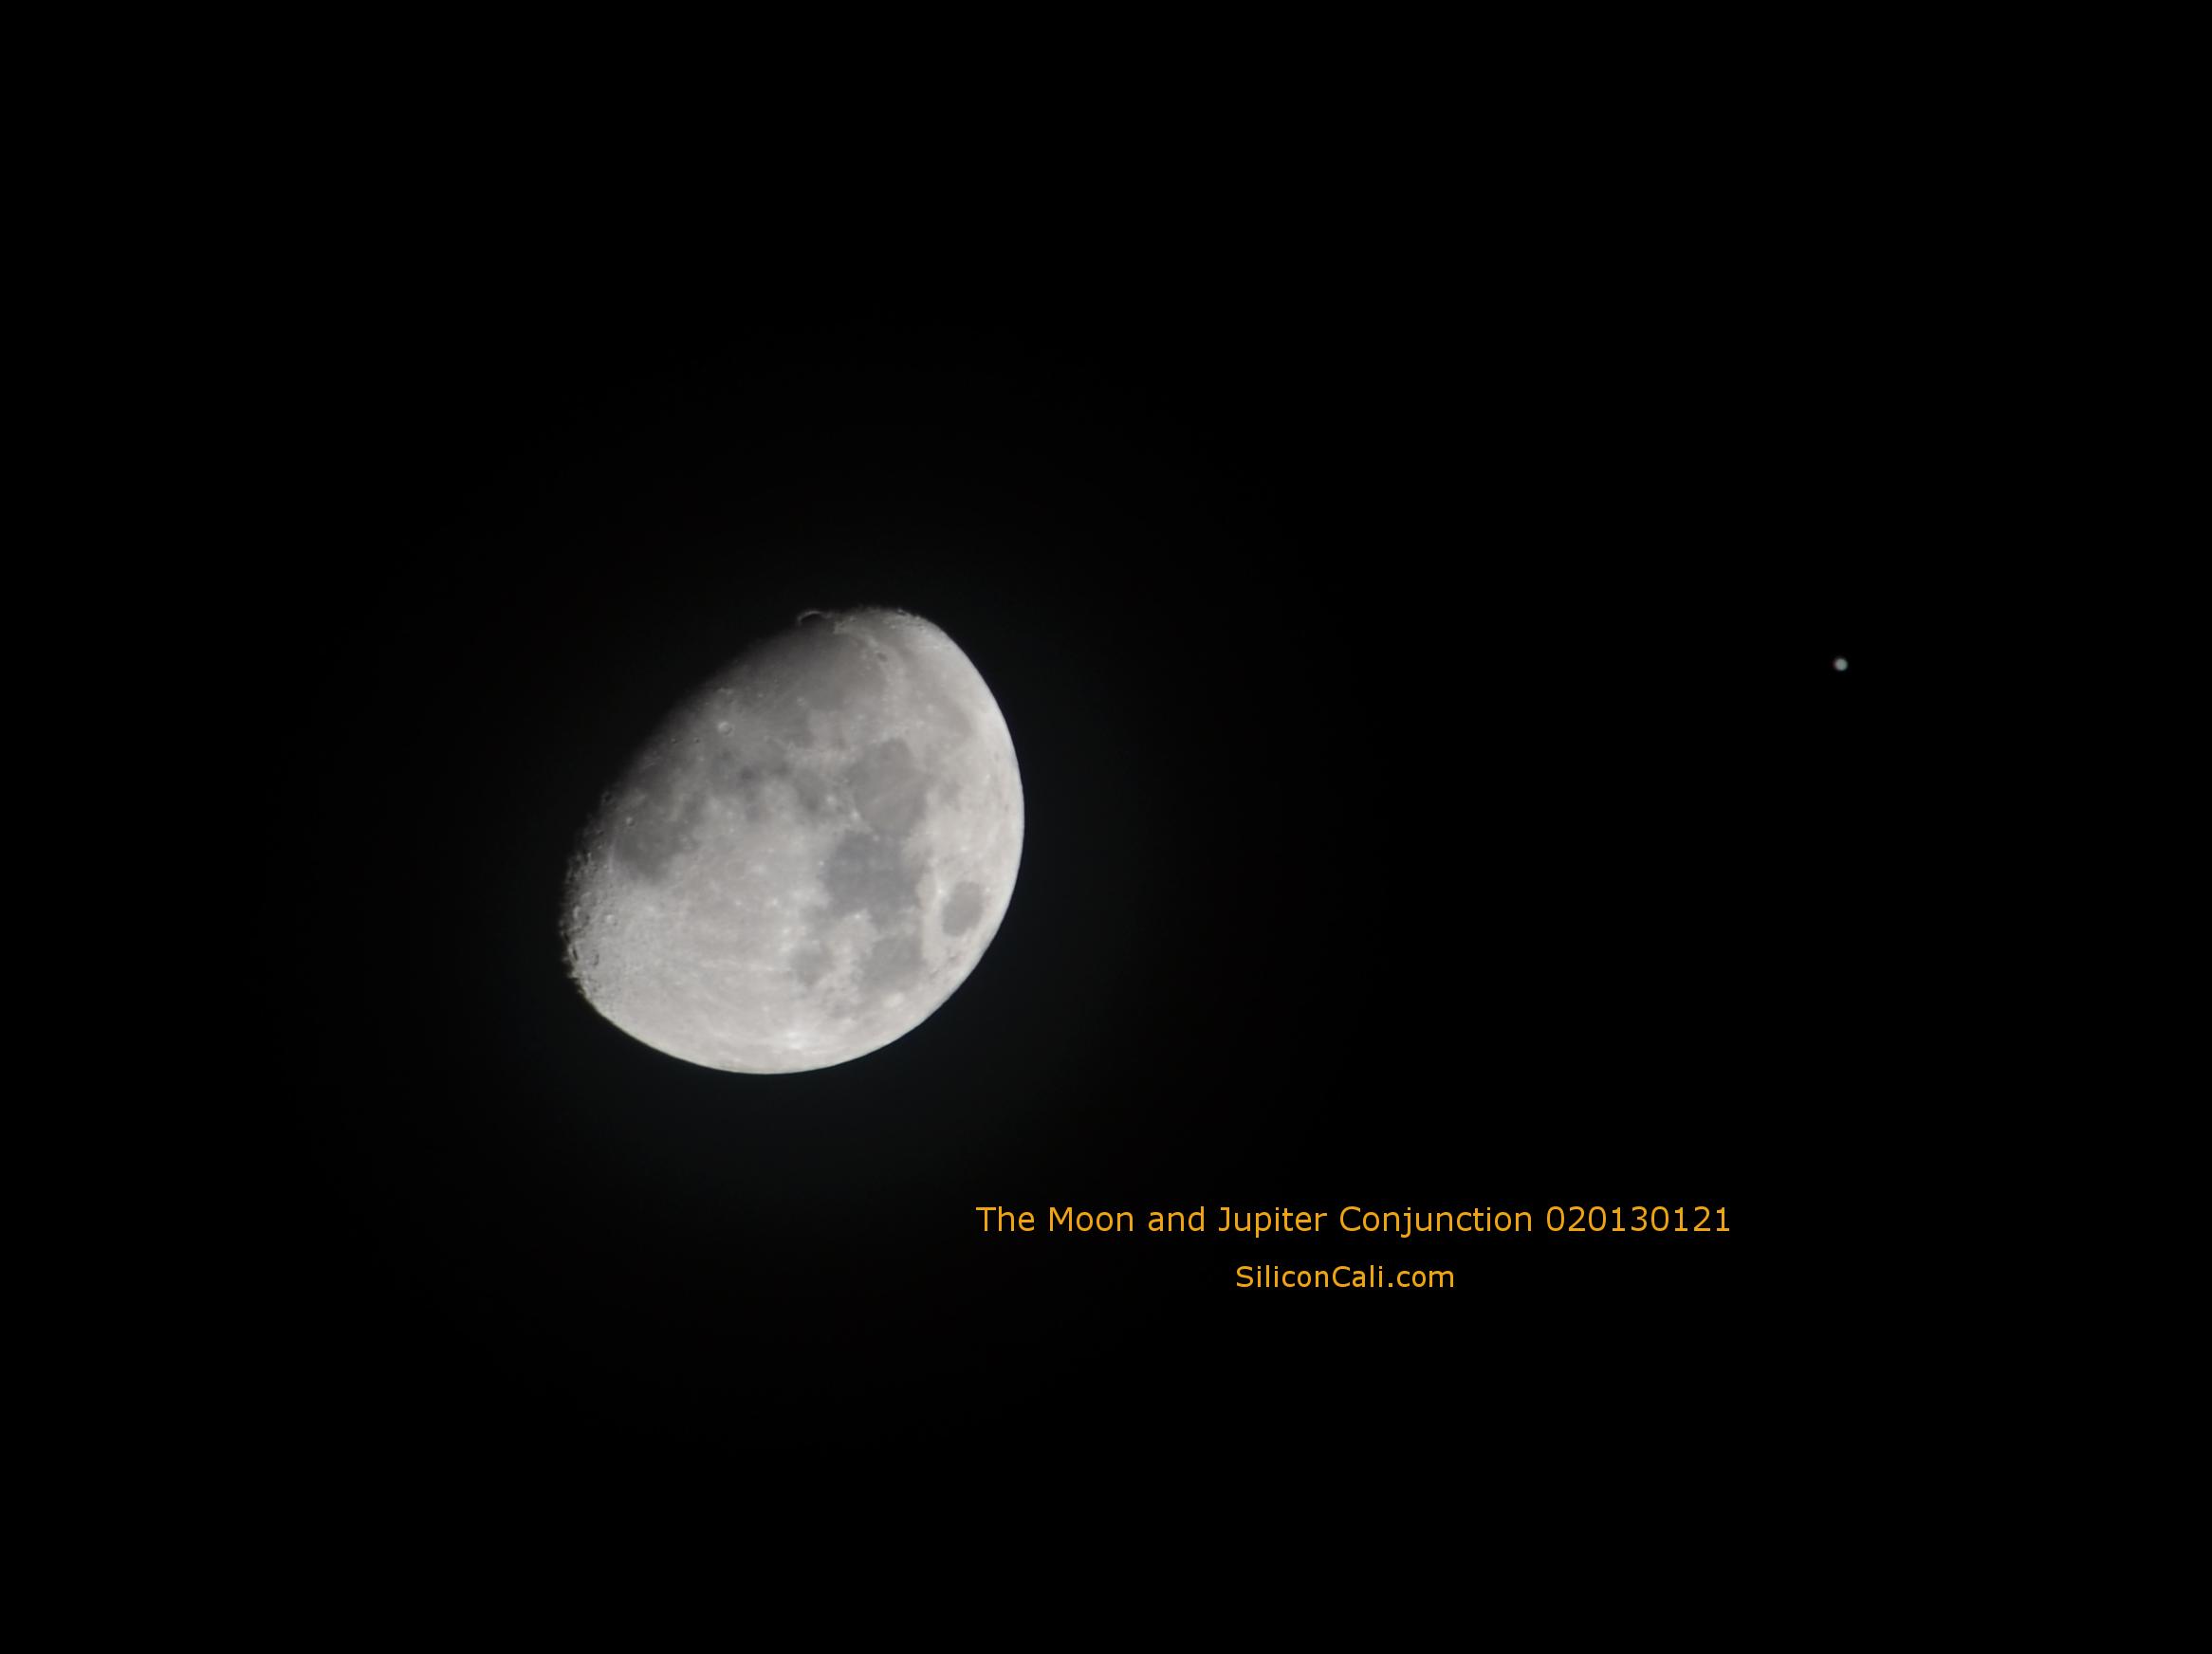 Moon_Jupiter_Conjunction_020130121_SiliconCali.com